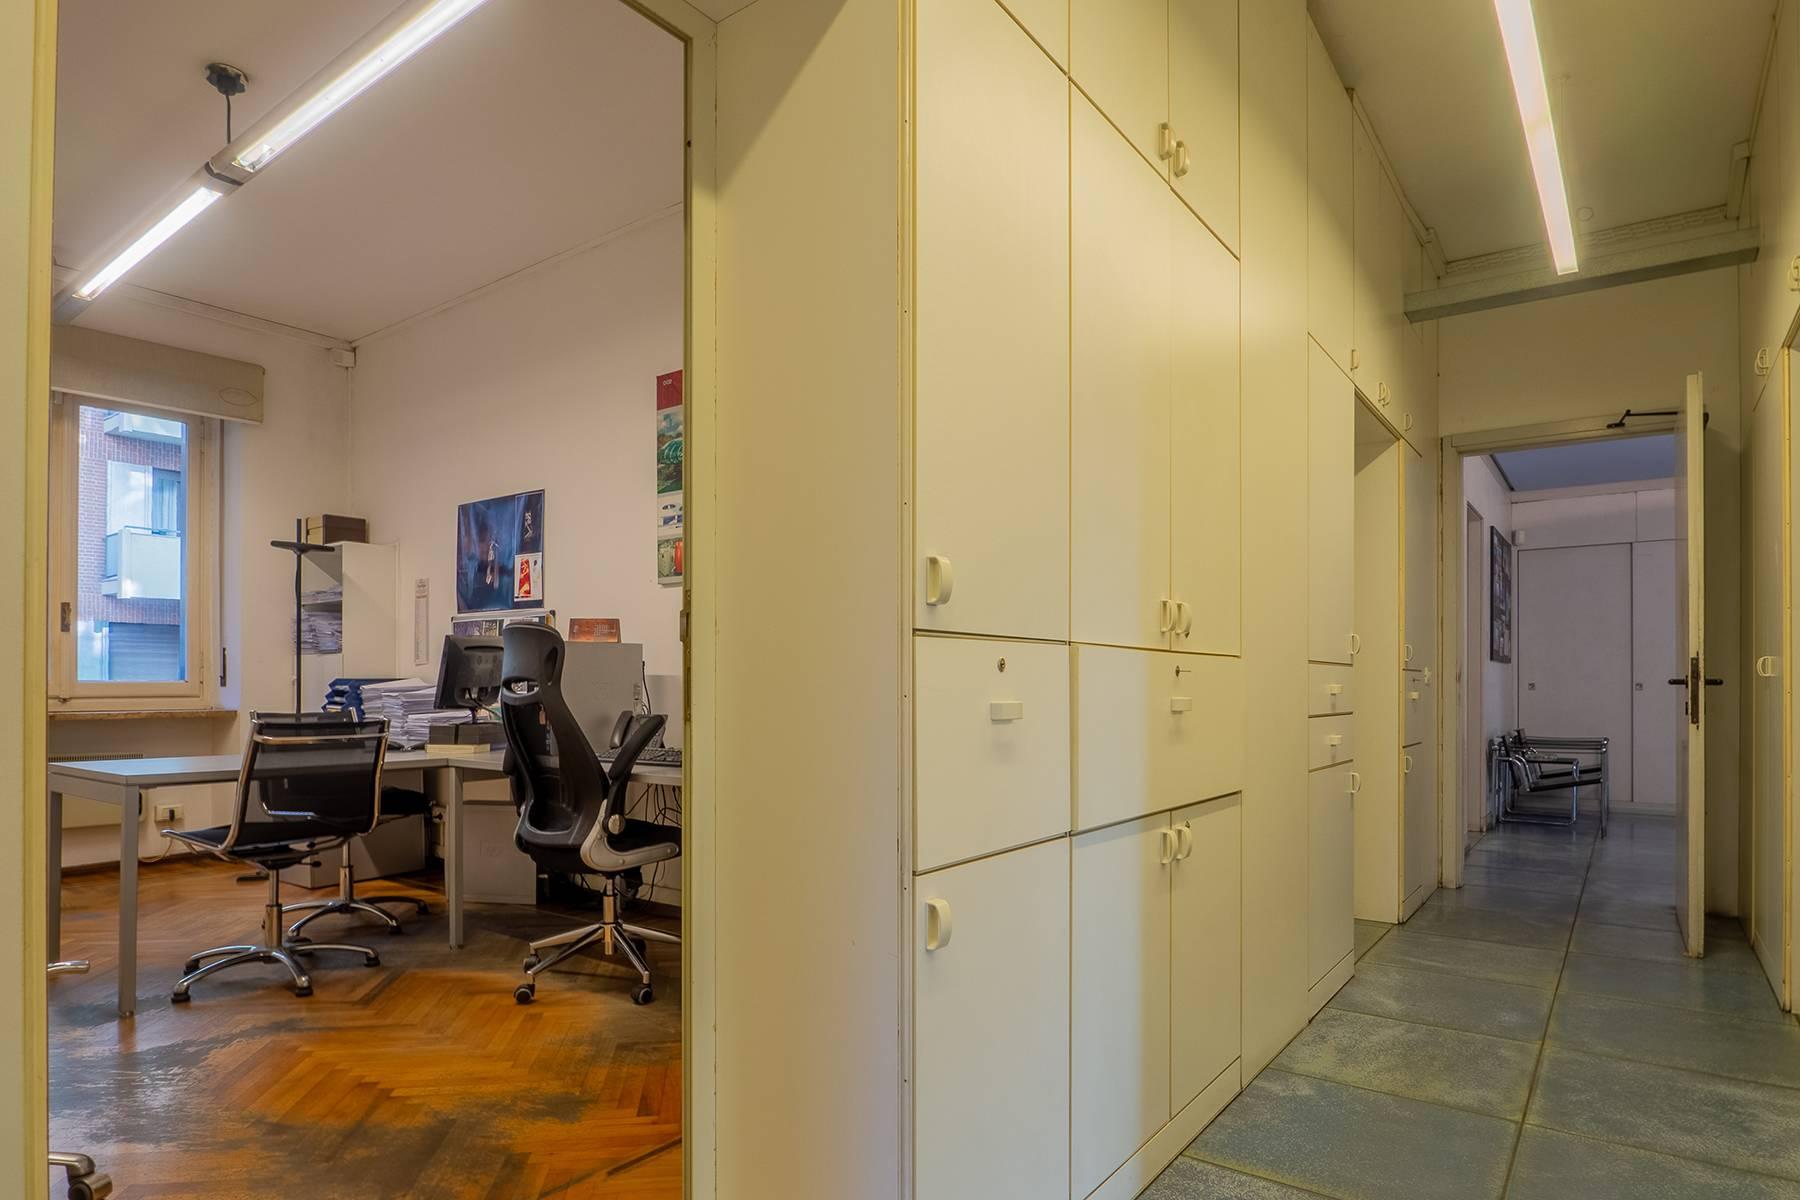 Ufficio-studio in Vendita a Torino: 4 locali, 224 mq - Foto 16